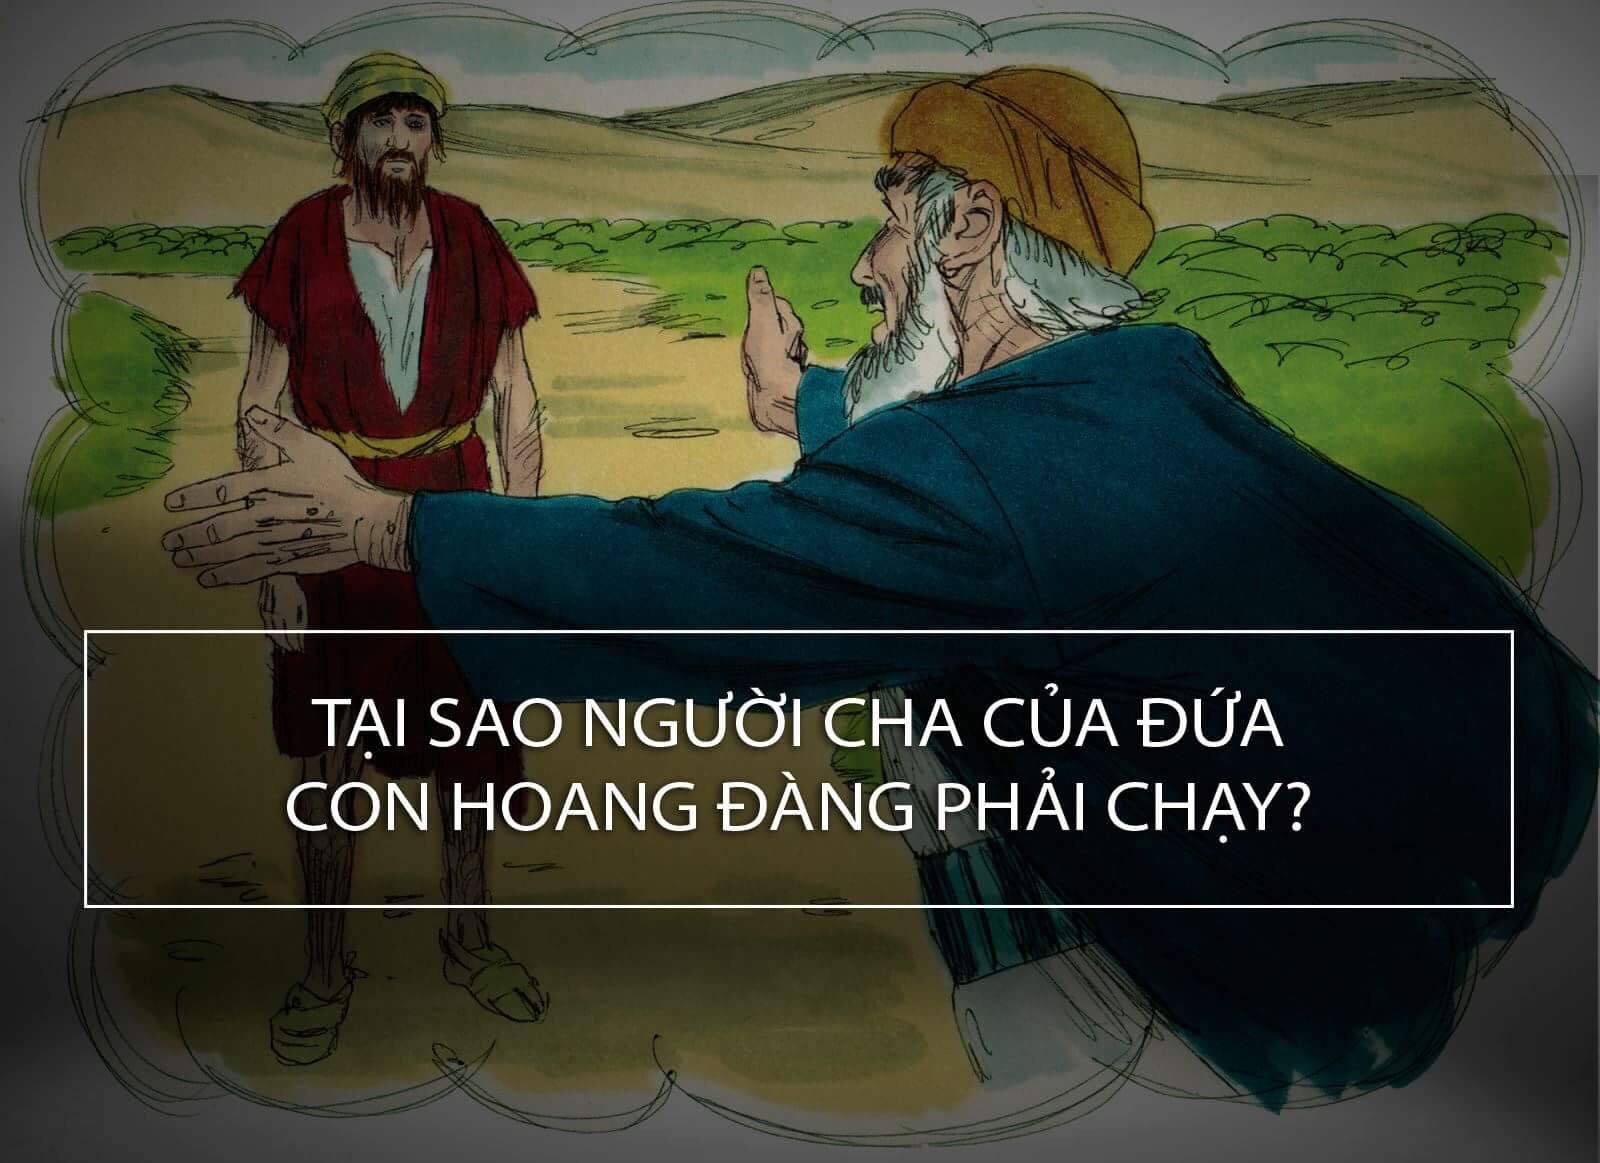 TẠI SAO NGƯỜI CHA CỦA ĐỨC CON HOANG ĐÀNG PHẢI CHẠY?